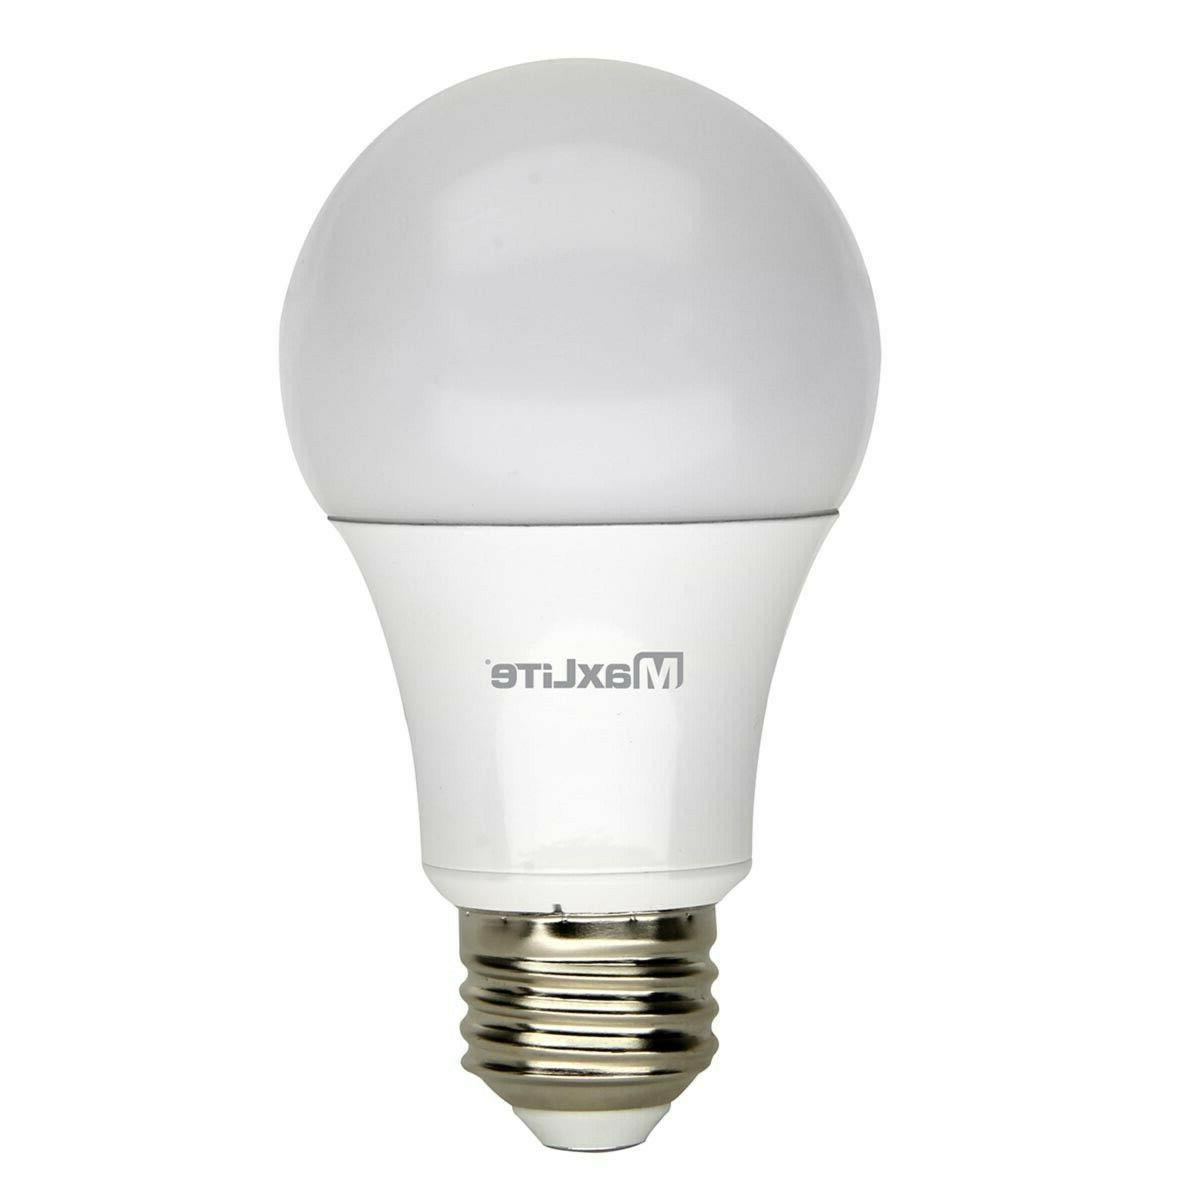 Maxlite LED Light Daylight 15Watt Watt Equivalent 5